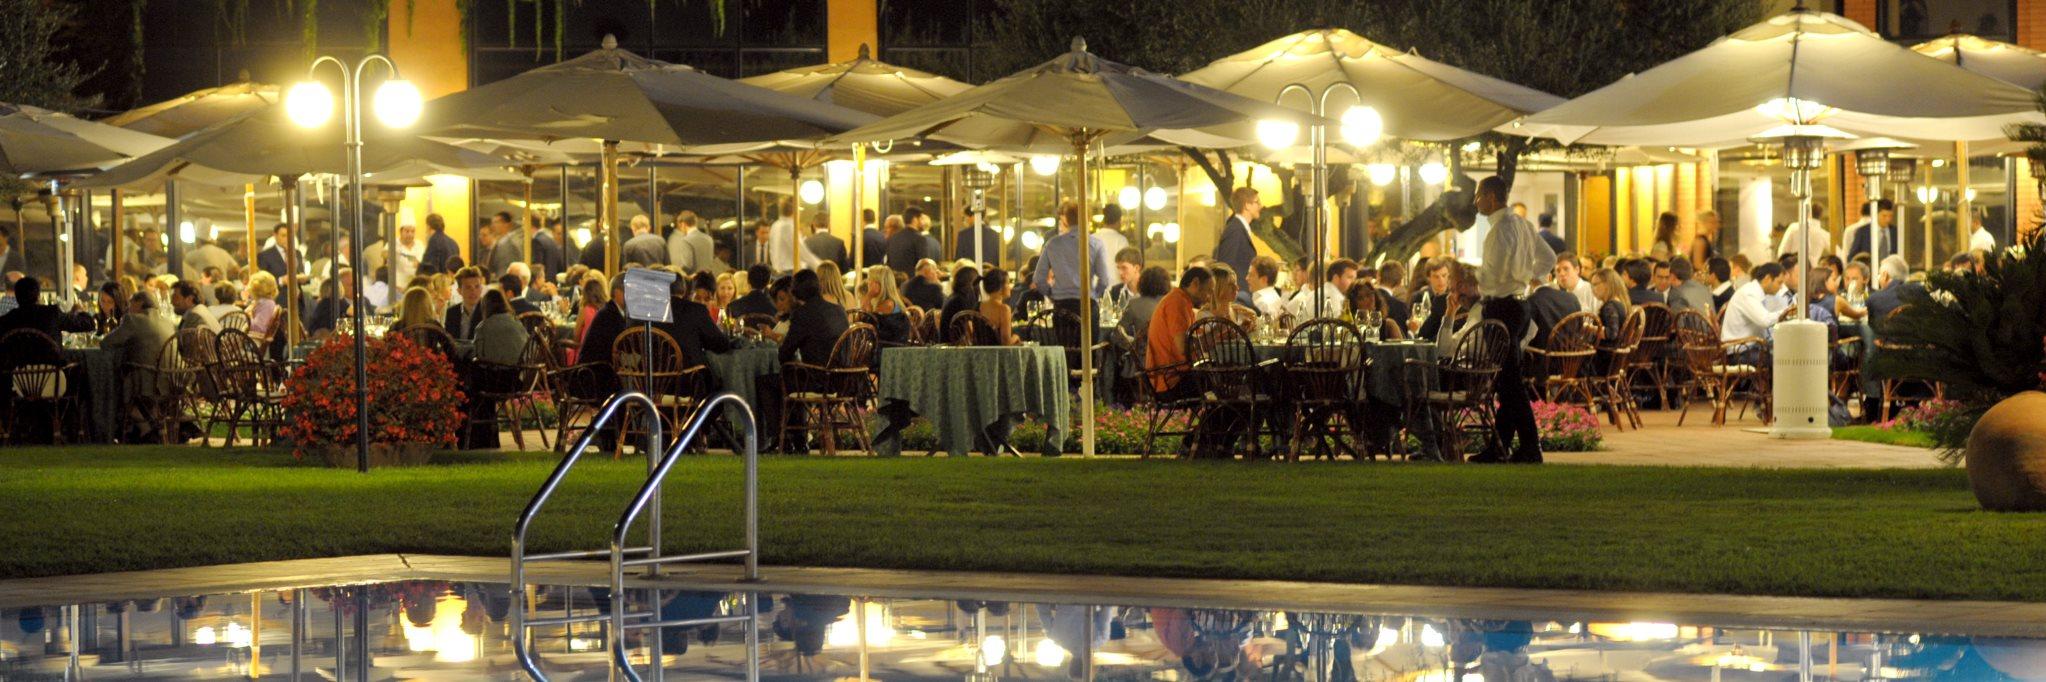 ROTMAN EUROPEAN TRADING COMPETITION  LUISS Guido Carli Sede di viale Romania Roma 1 settembre 2012